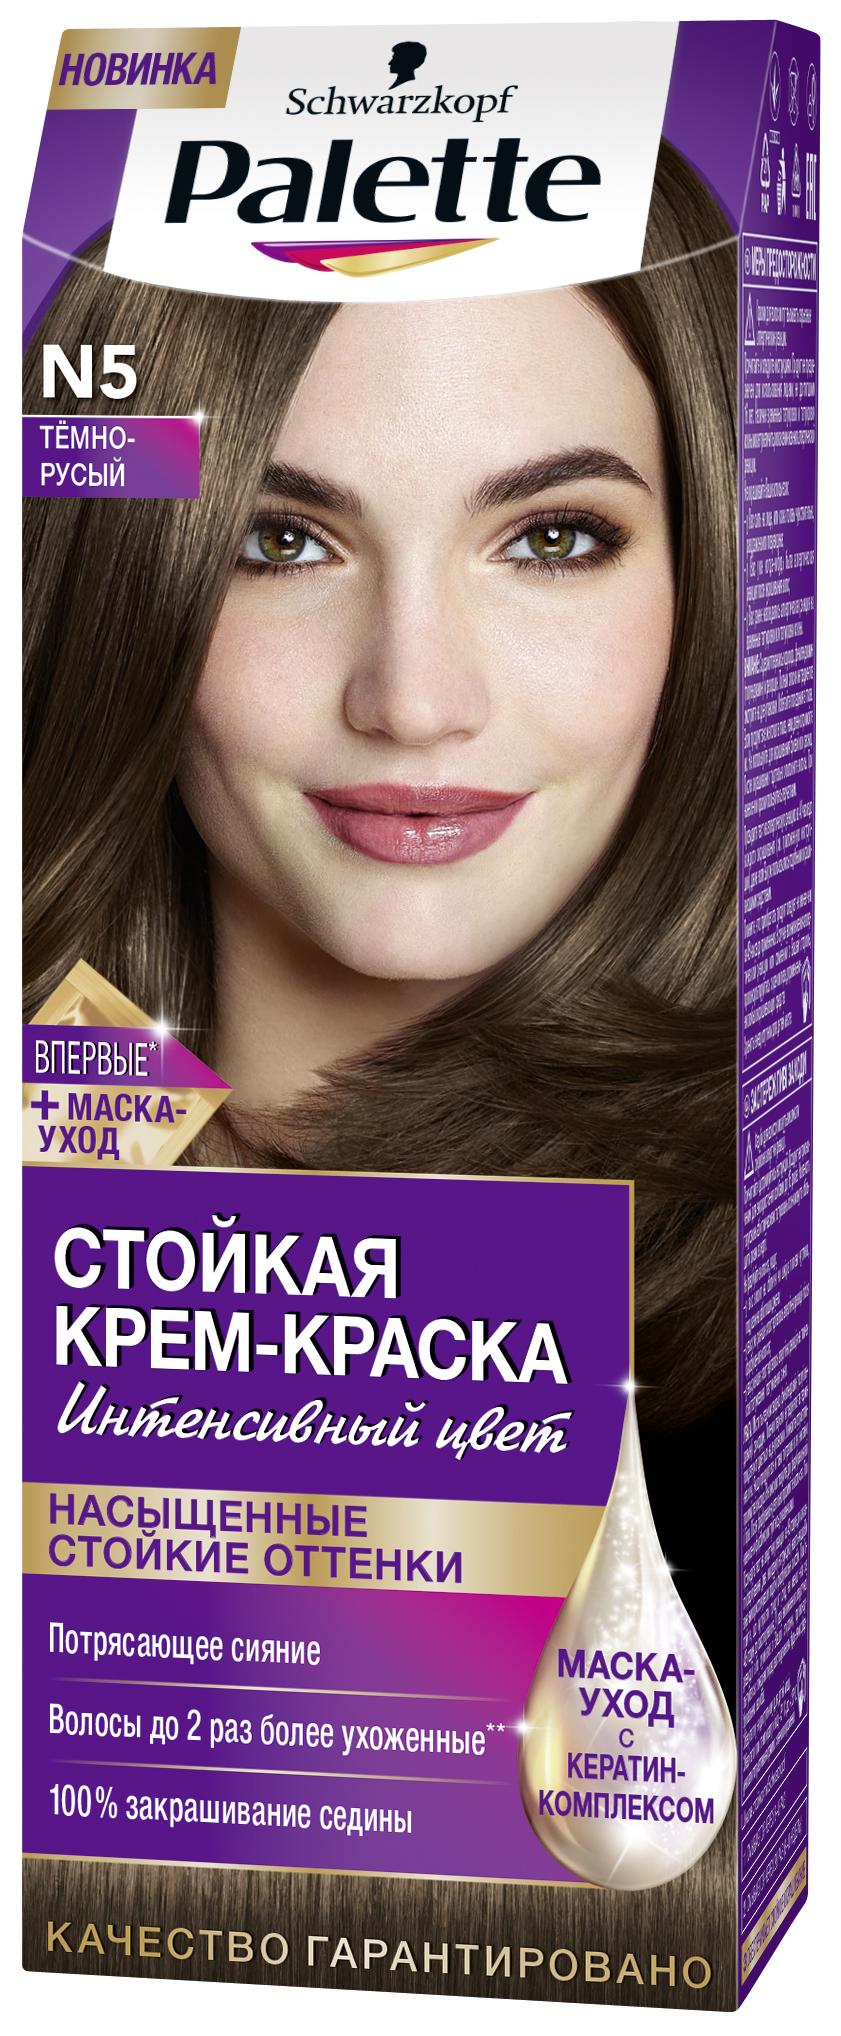 Palette Стойкая крем-краска N5 Тёмно-русый 110мл09350500Знаменитая краска для волос Palette при использовании тщательно окрашивает волосы, стойко сохраняет цвет, имеет множество разнообразных оттенков на любой, самый взыскательный, вкус.